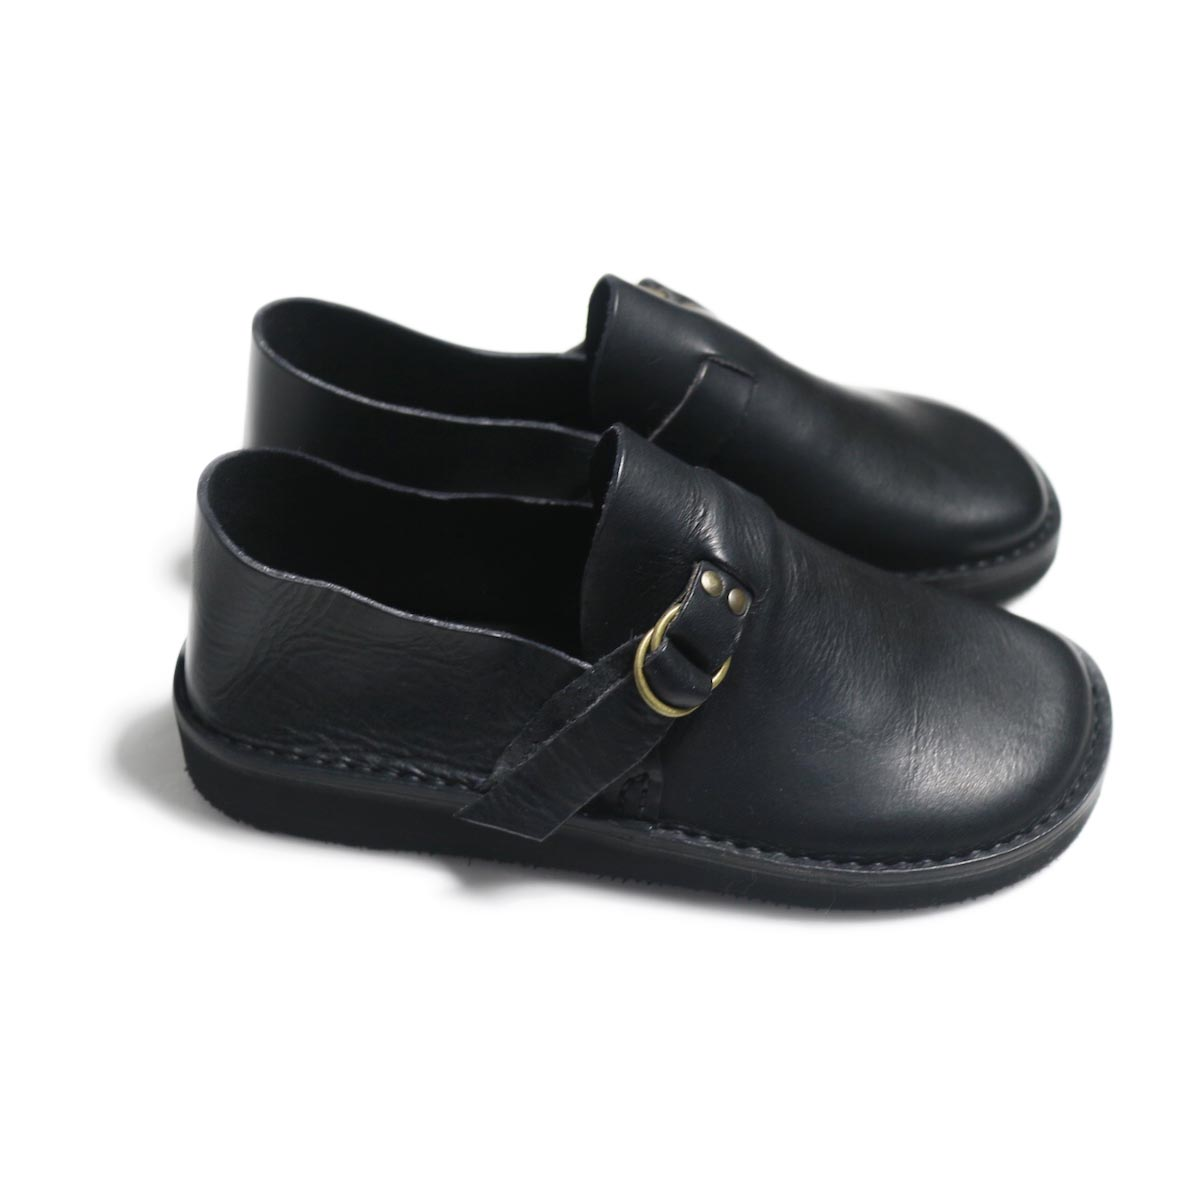 Fracap / R007 Leather Shoes -Black サイド